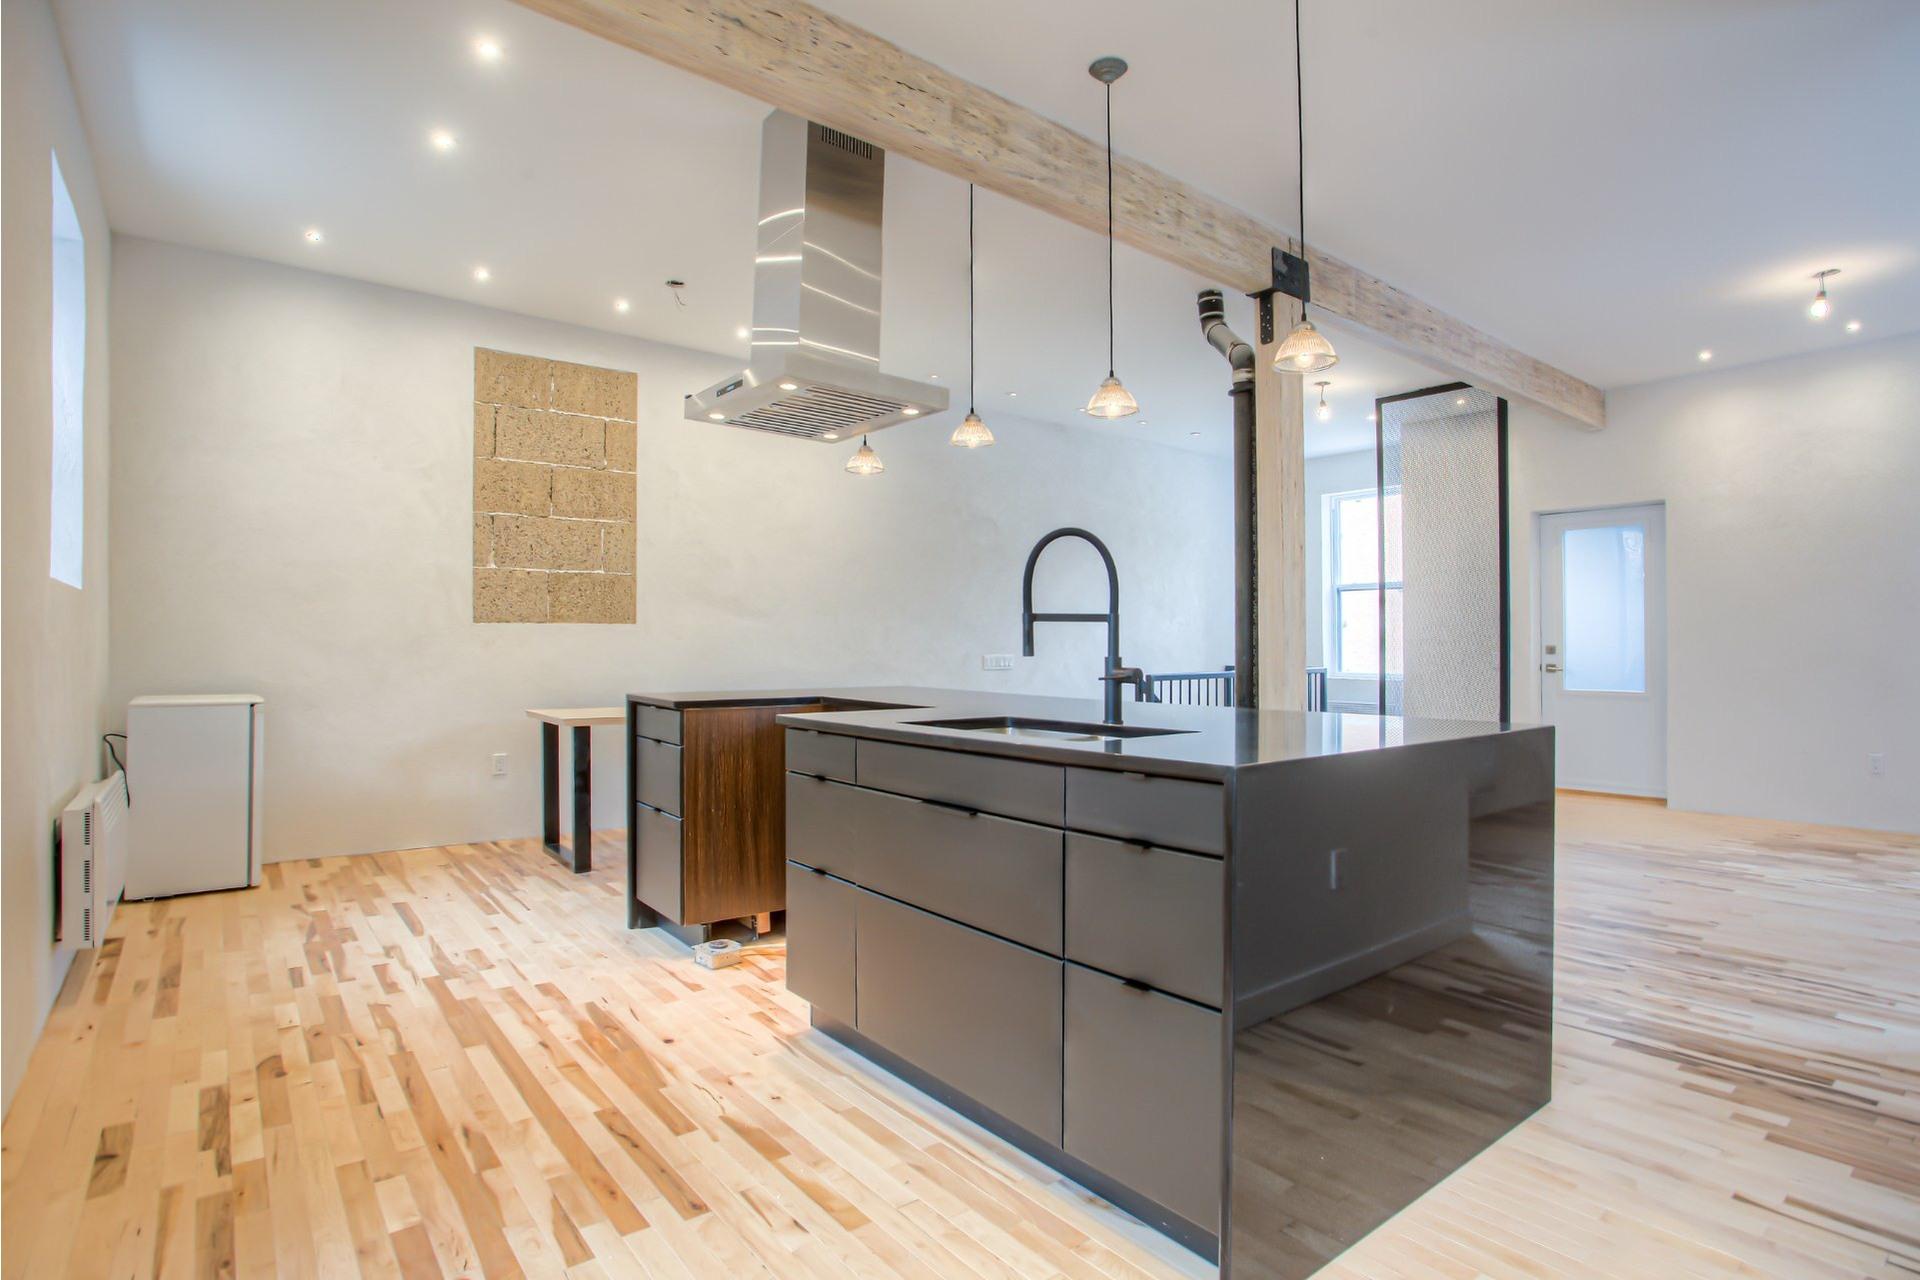 image 7 - Duplex À vendre Mercier/Hochelaga-Maisonneuve Montréal  - 4 pièces